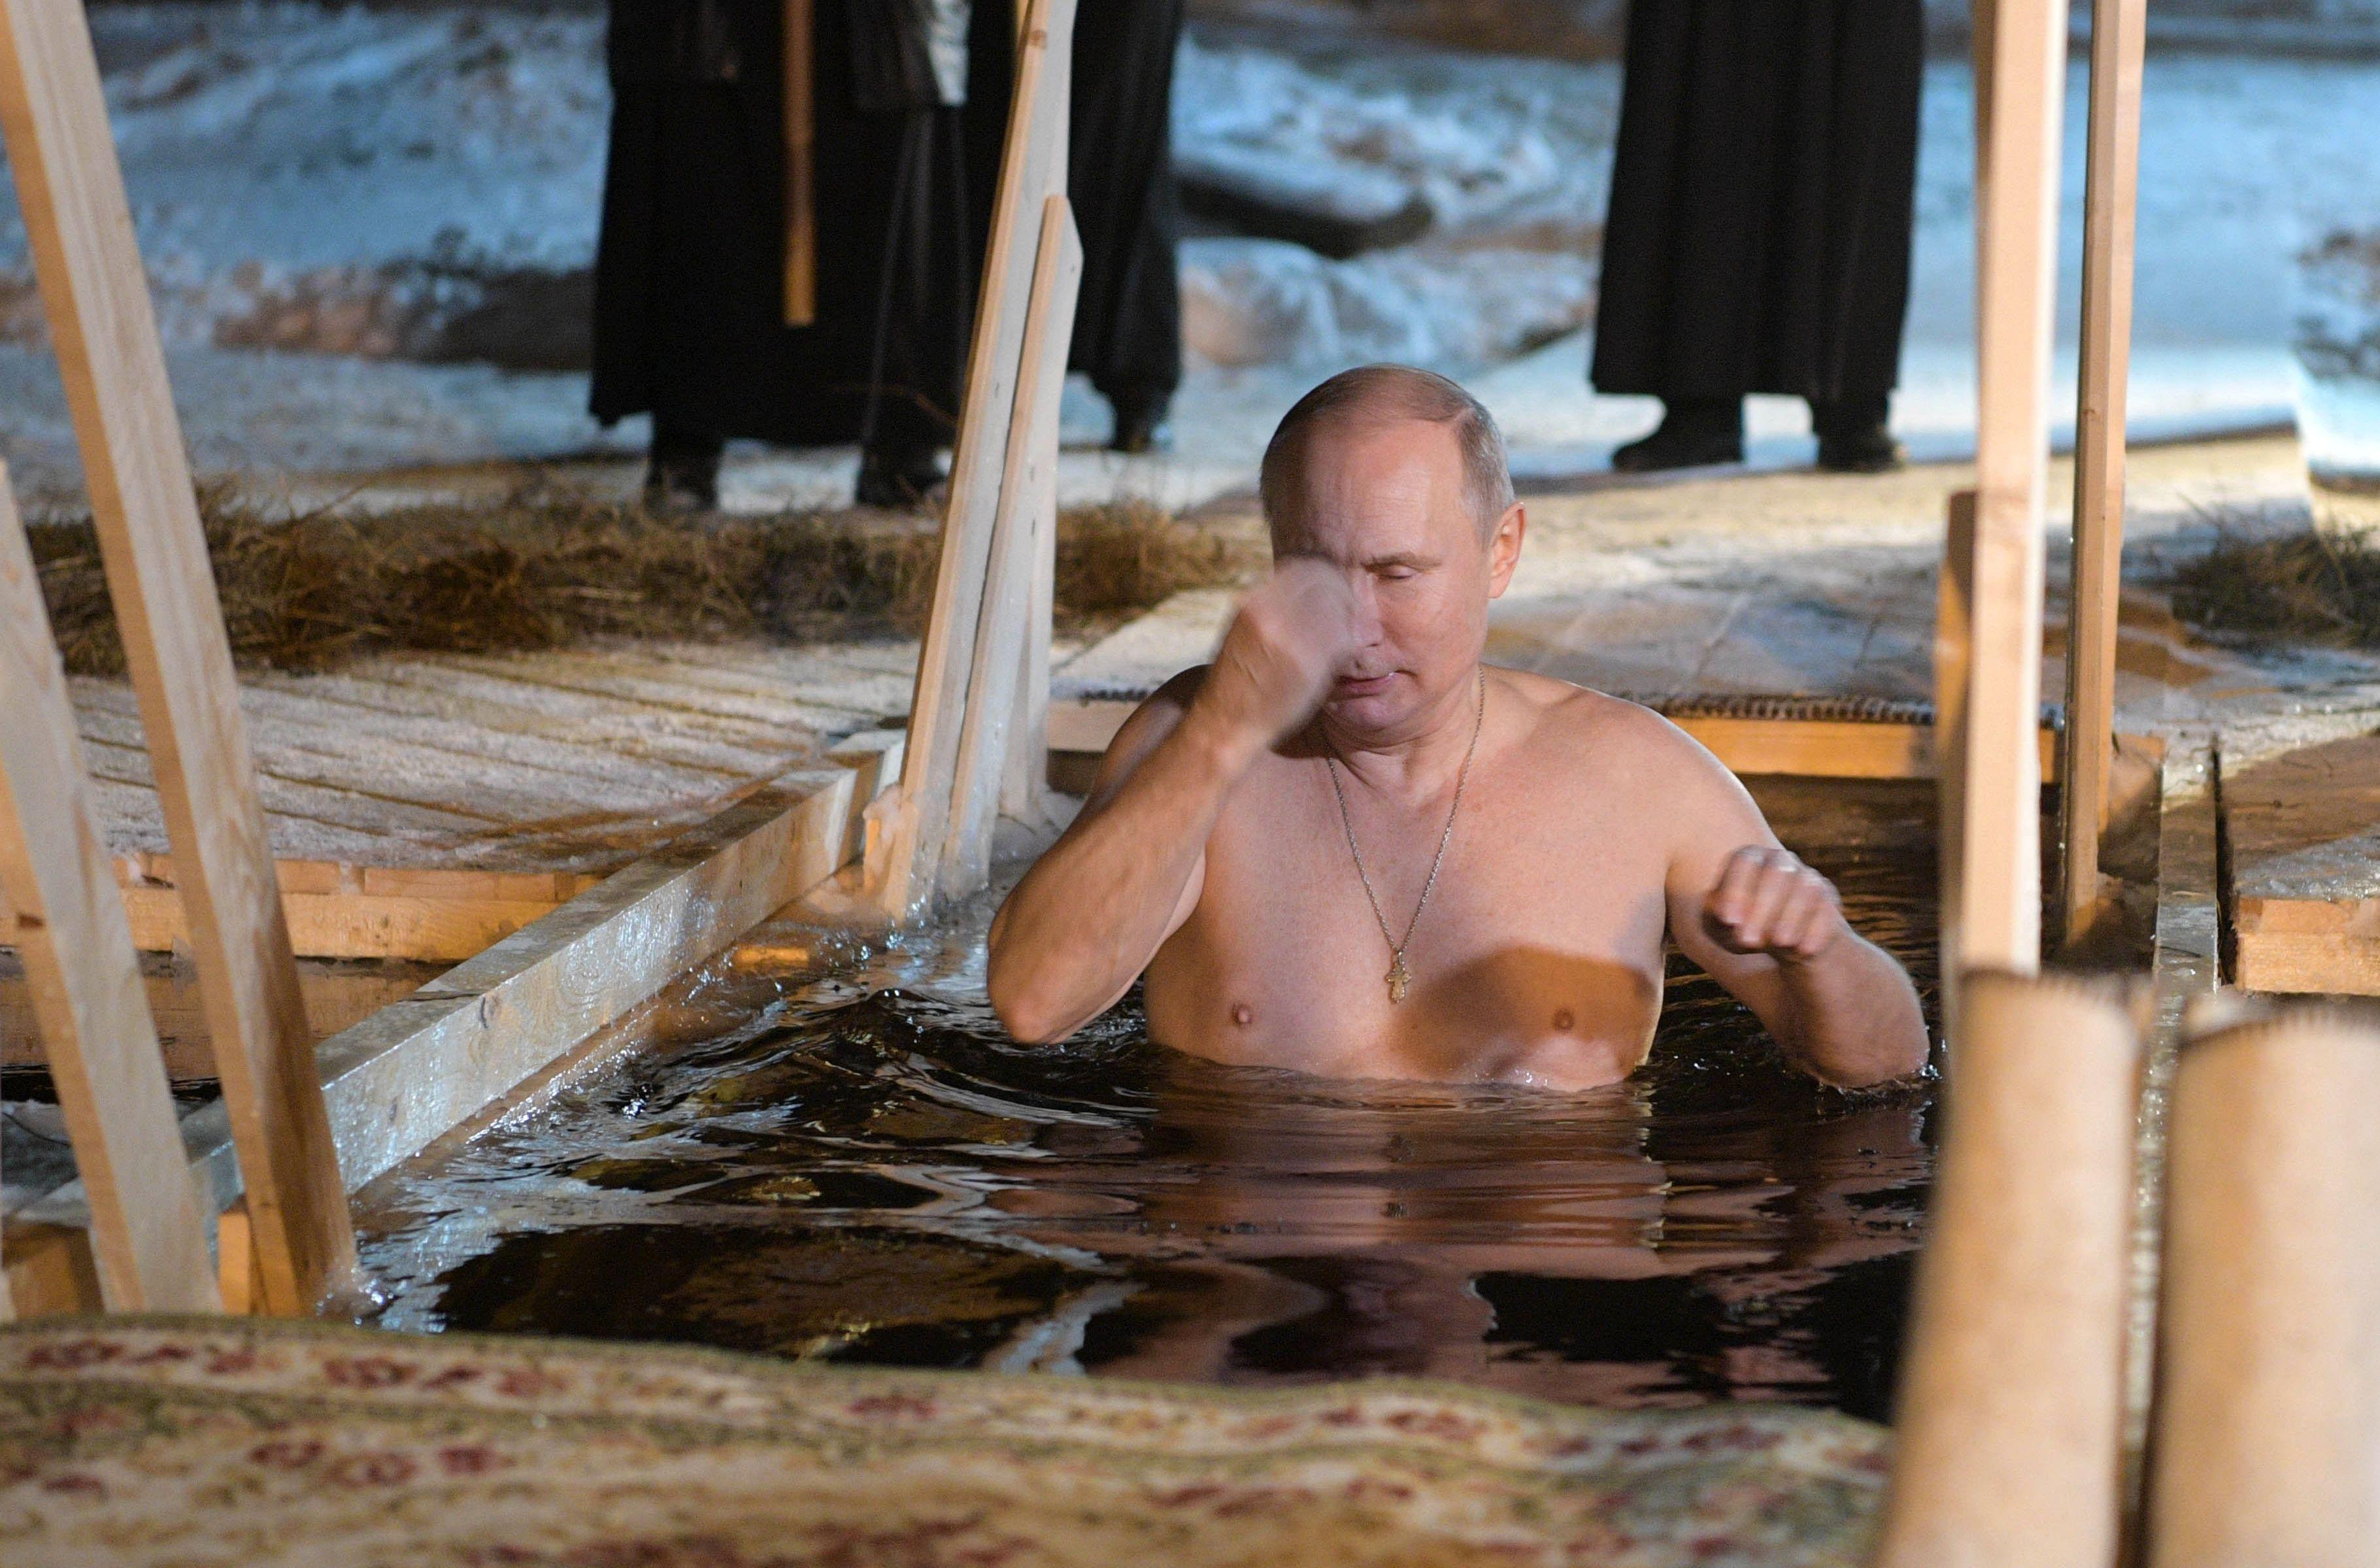 الرئيس الروسى يغطس فى بحيرة متجمدة